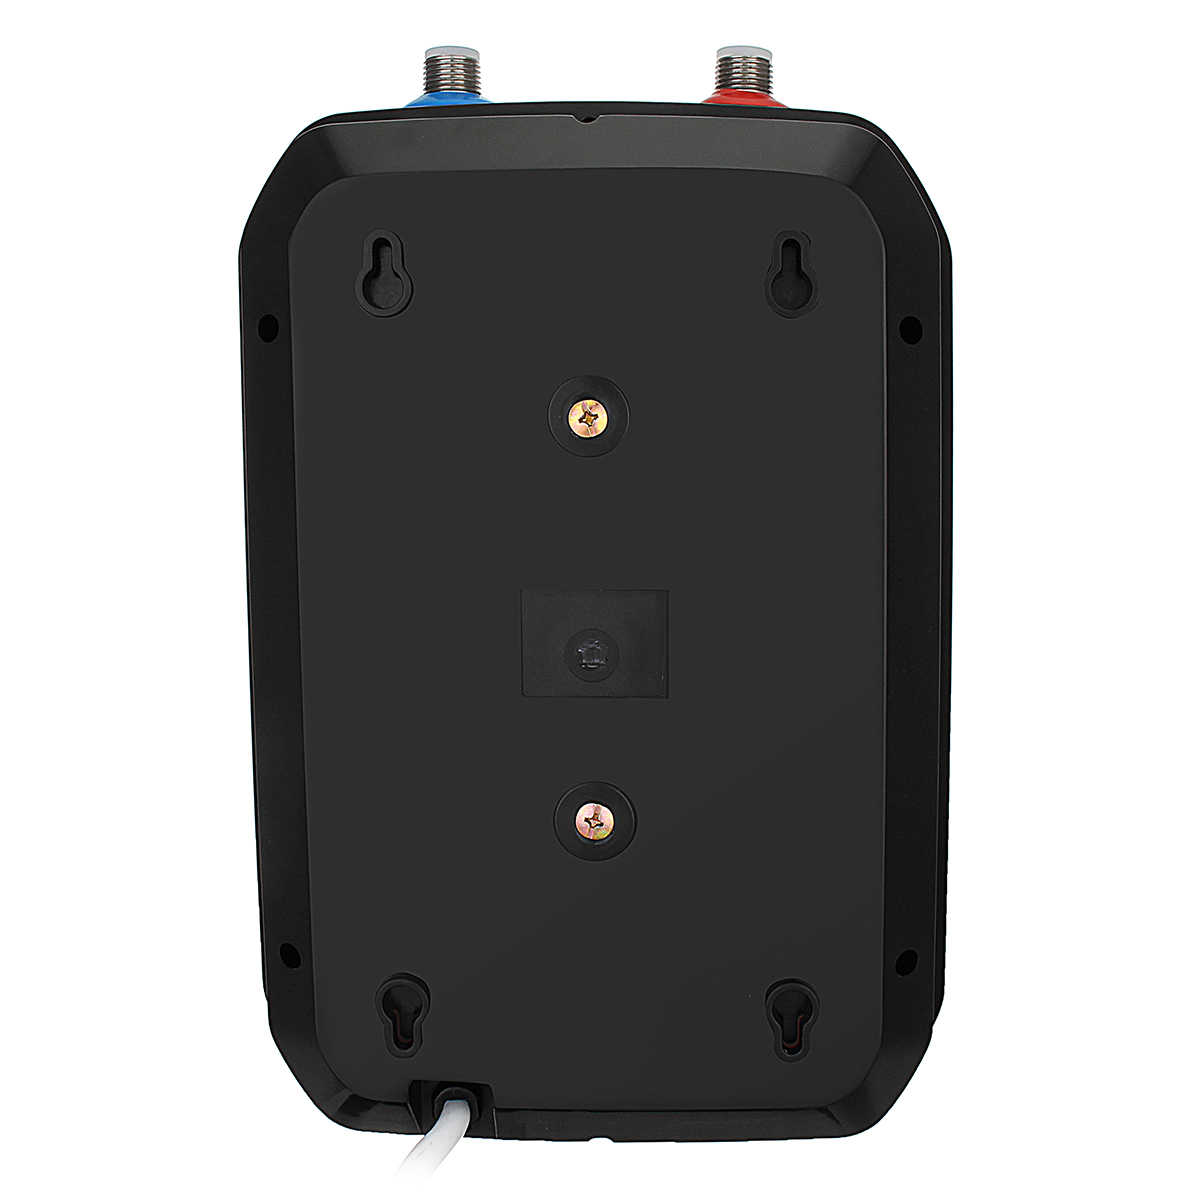 8L 1500W maison chauffe-eau électrique sans réservoir système de chauffage instantané chauffe-eau instantané douche chaude chauffage rapide